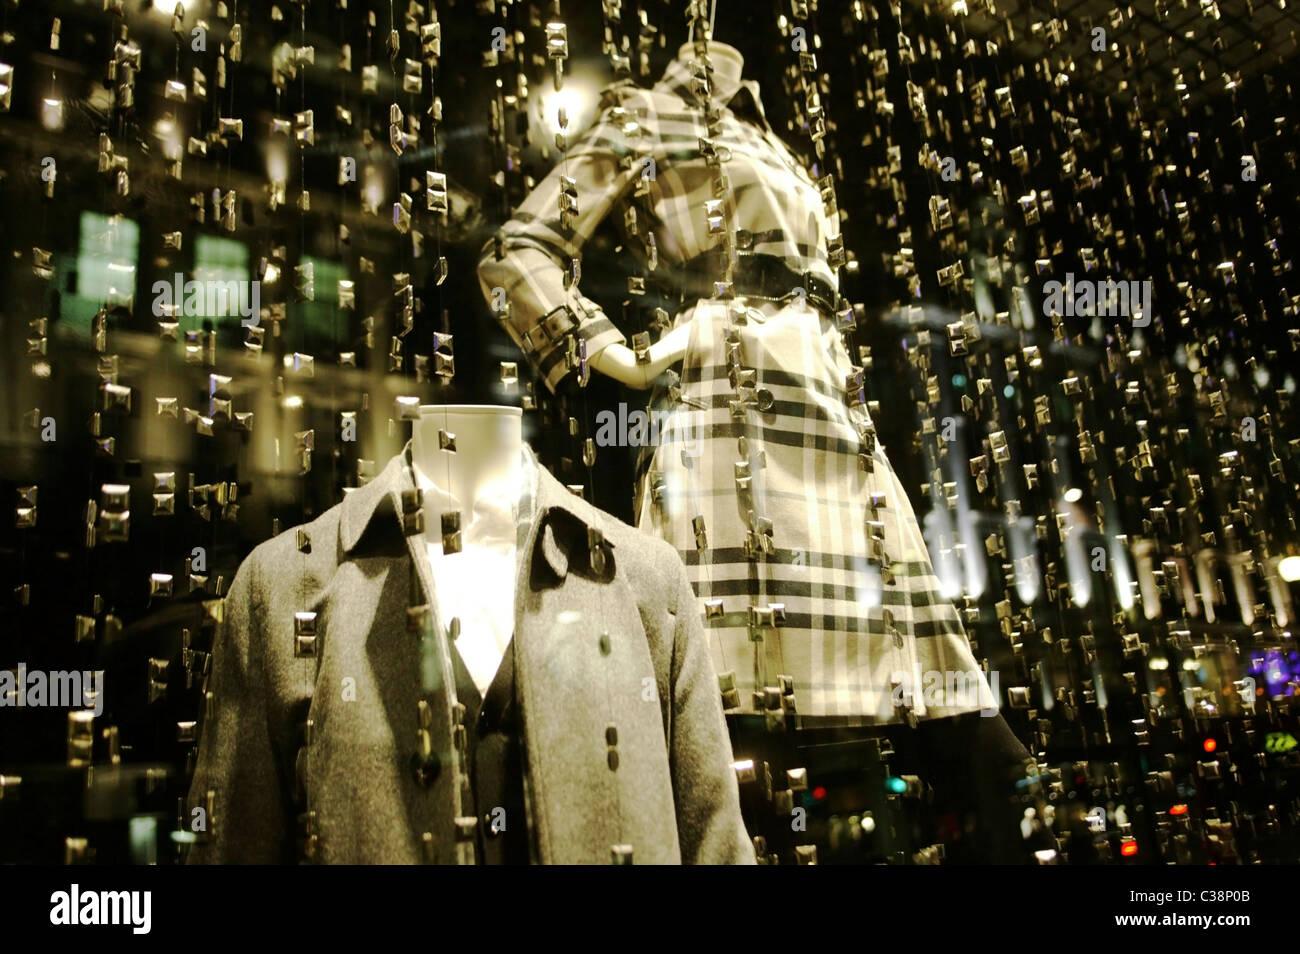 Burberry tienda escaparate, Londres. Imagen De Stock